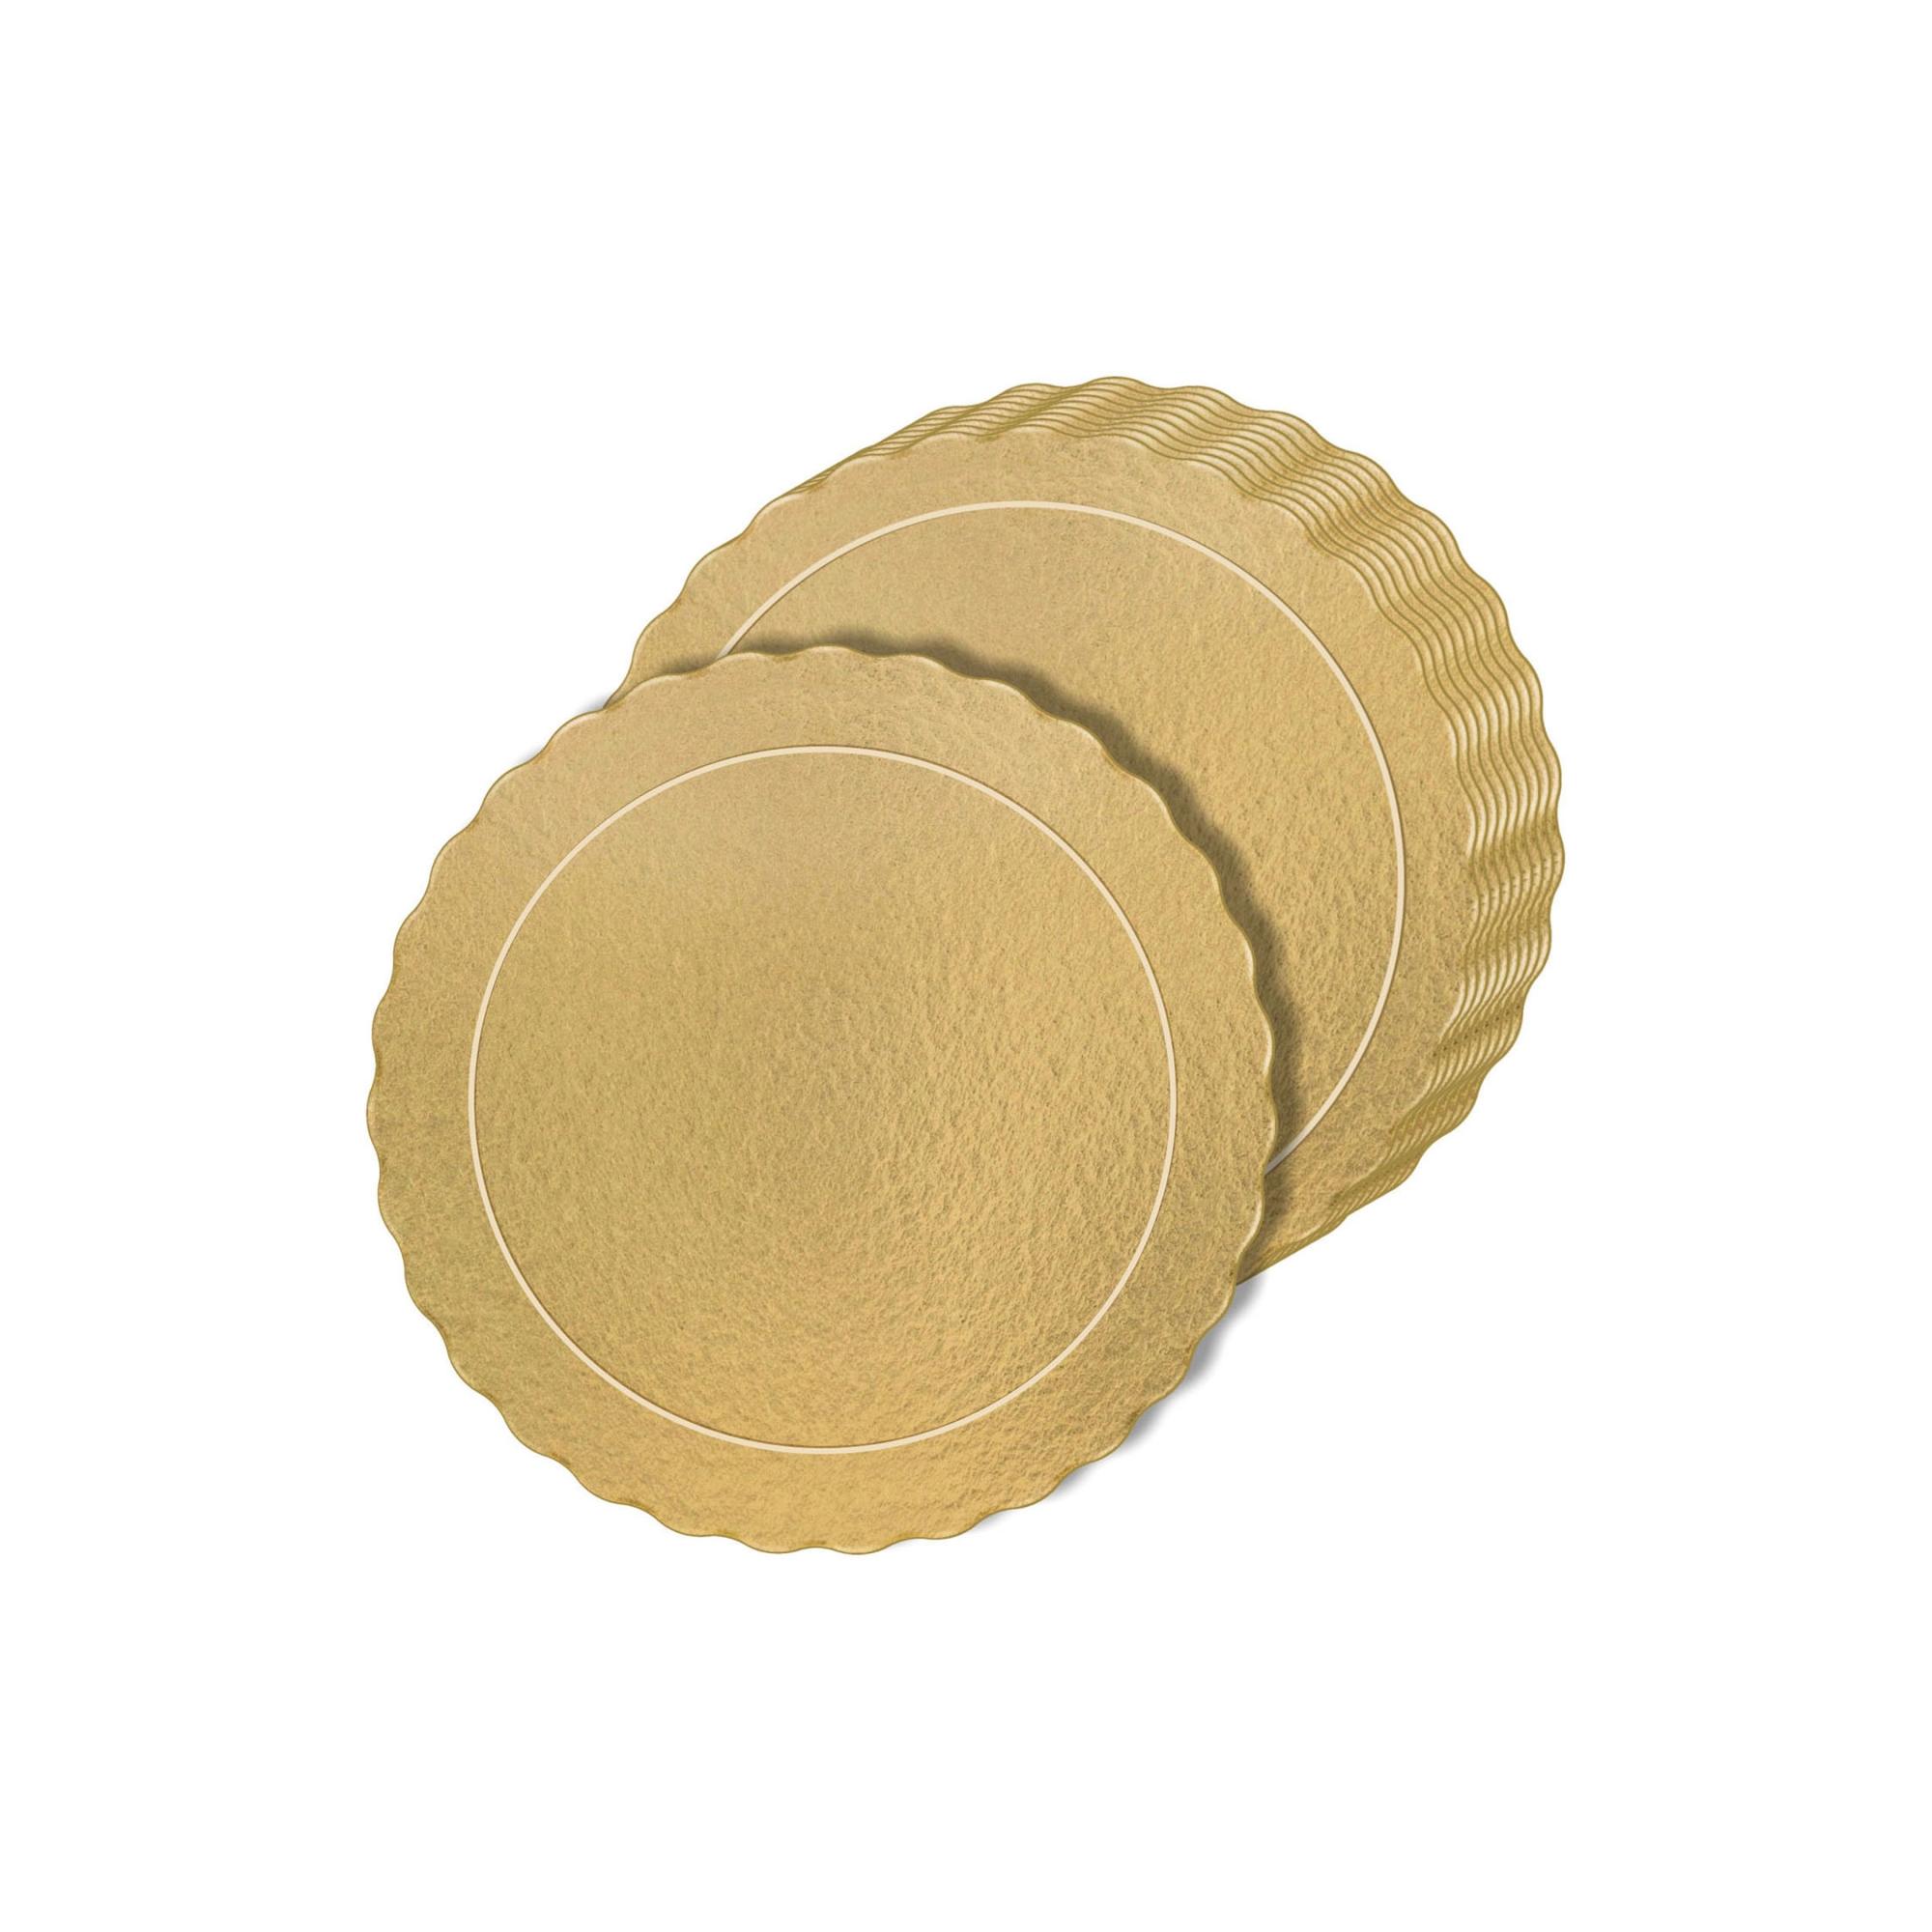 20 Bases Laminadas Para Bolo Redondo, Cake Board 38 cm - Ouro